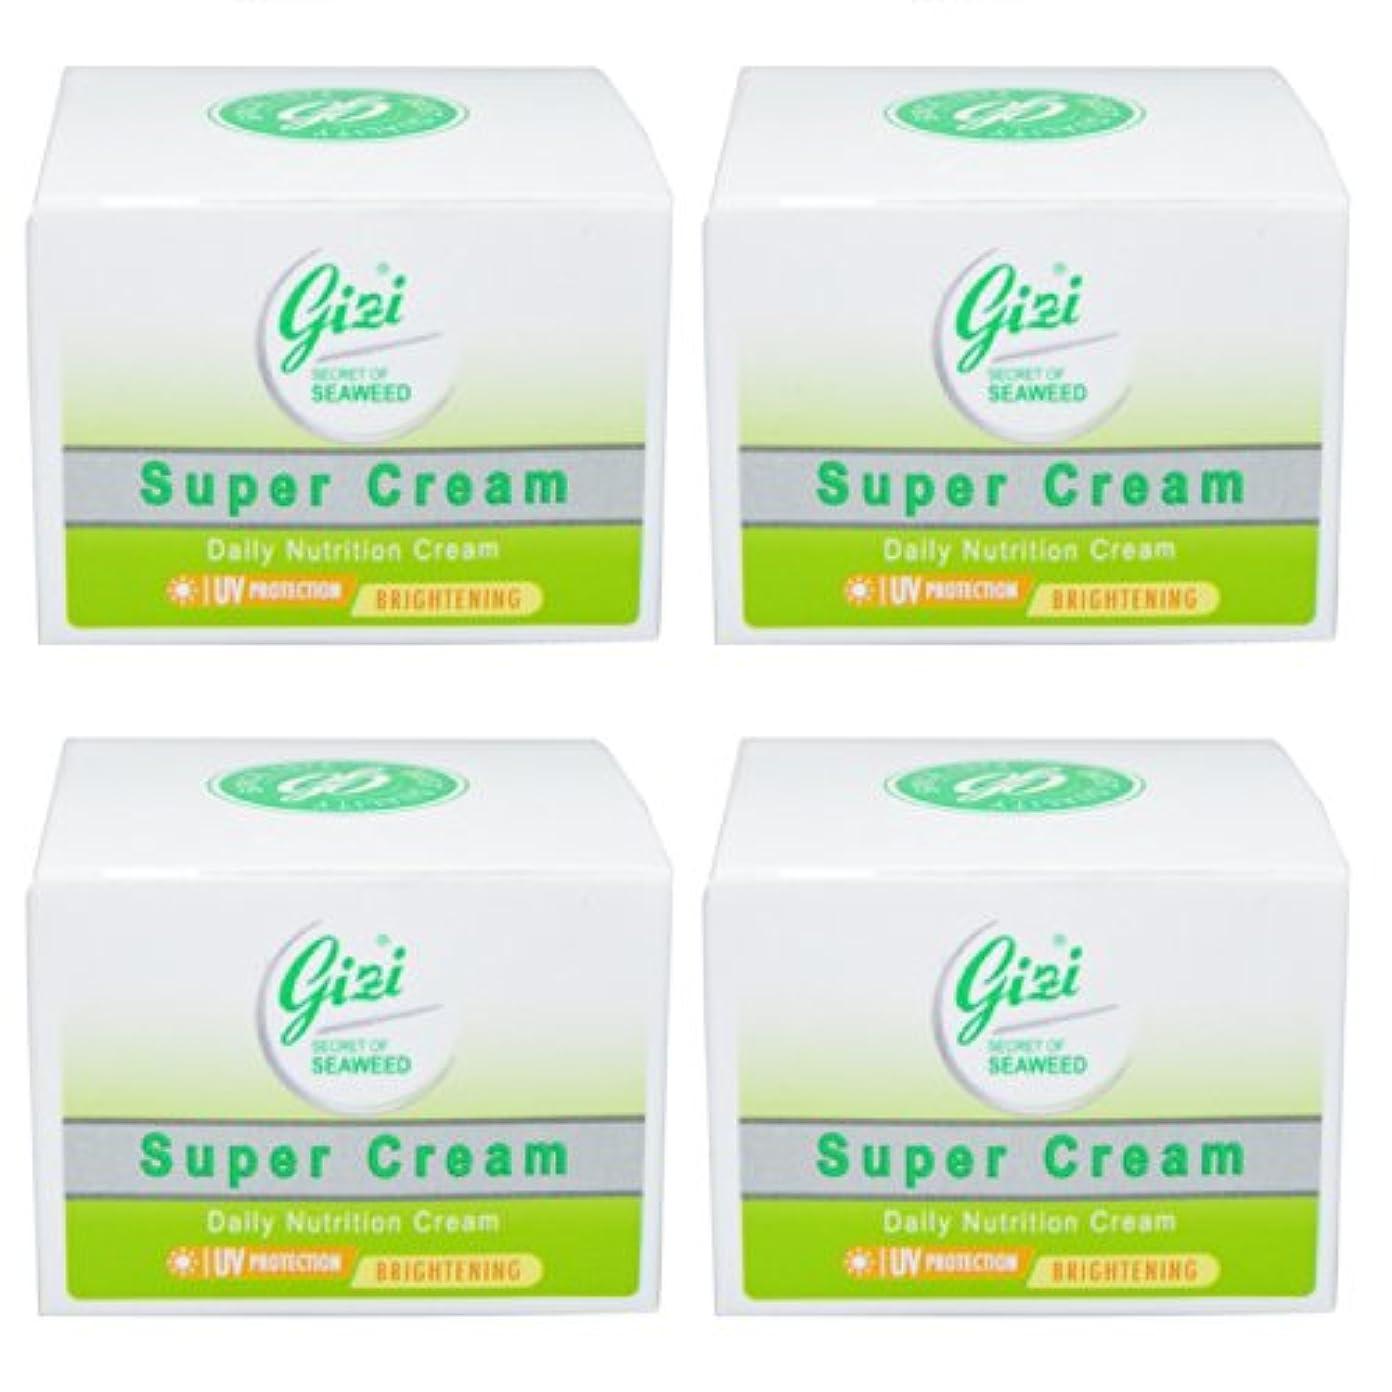 ストレスペースト否定するGIZI Super Cream(ギジ スーパークリーム)フェイスクリーム9g 4個セット[並行輸入品][海外直送品]